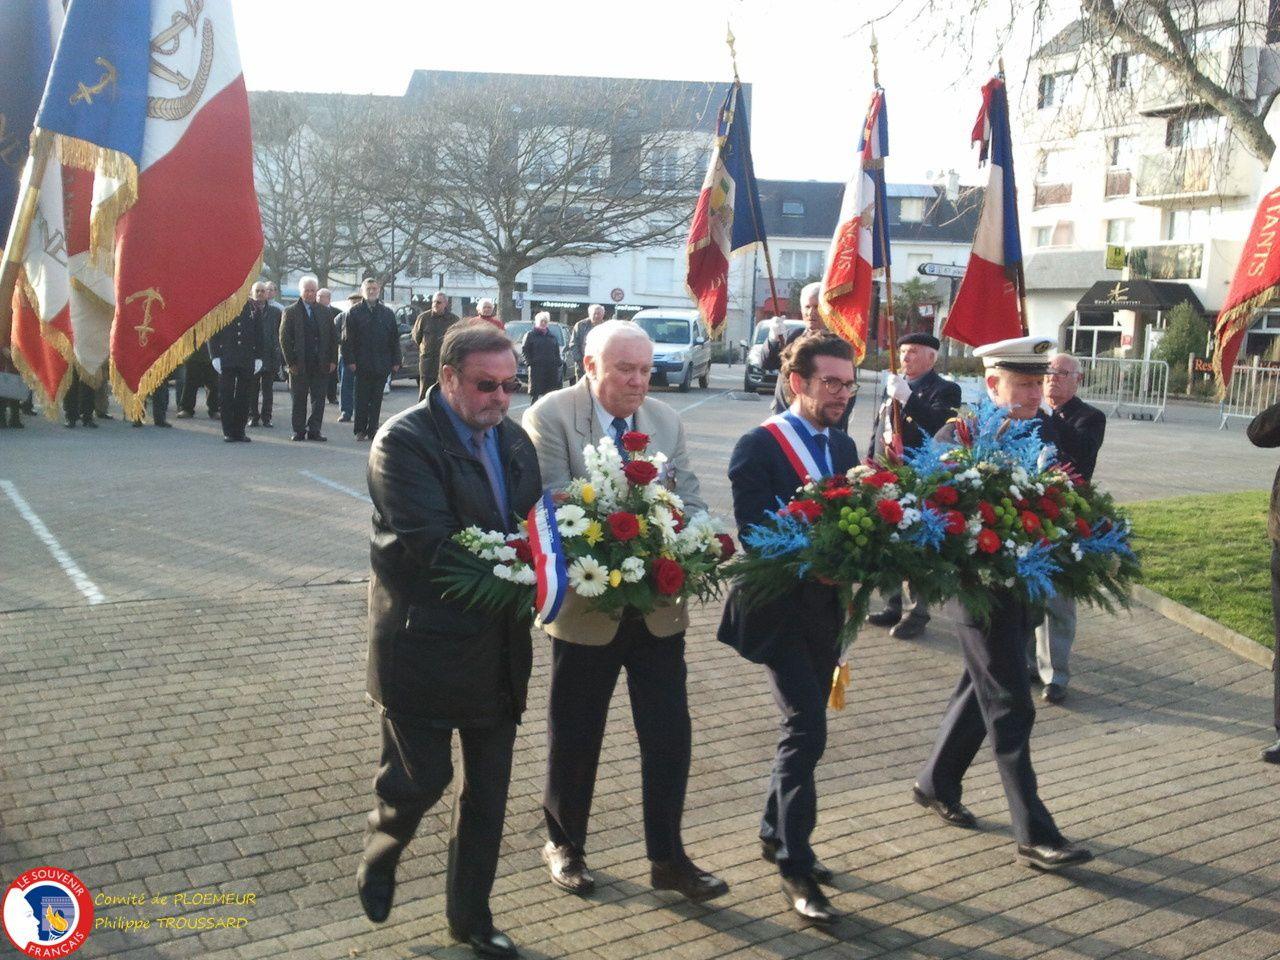 Allocution de Ronan Loas maire de Ploemeur et dépôt de gerbes en compagnie du CF Philippe Favier, de Jean Paul Le Moing  et de Joël Seveno.